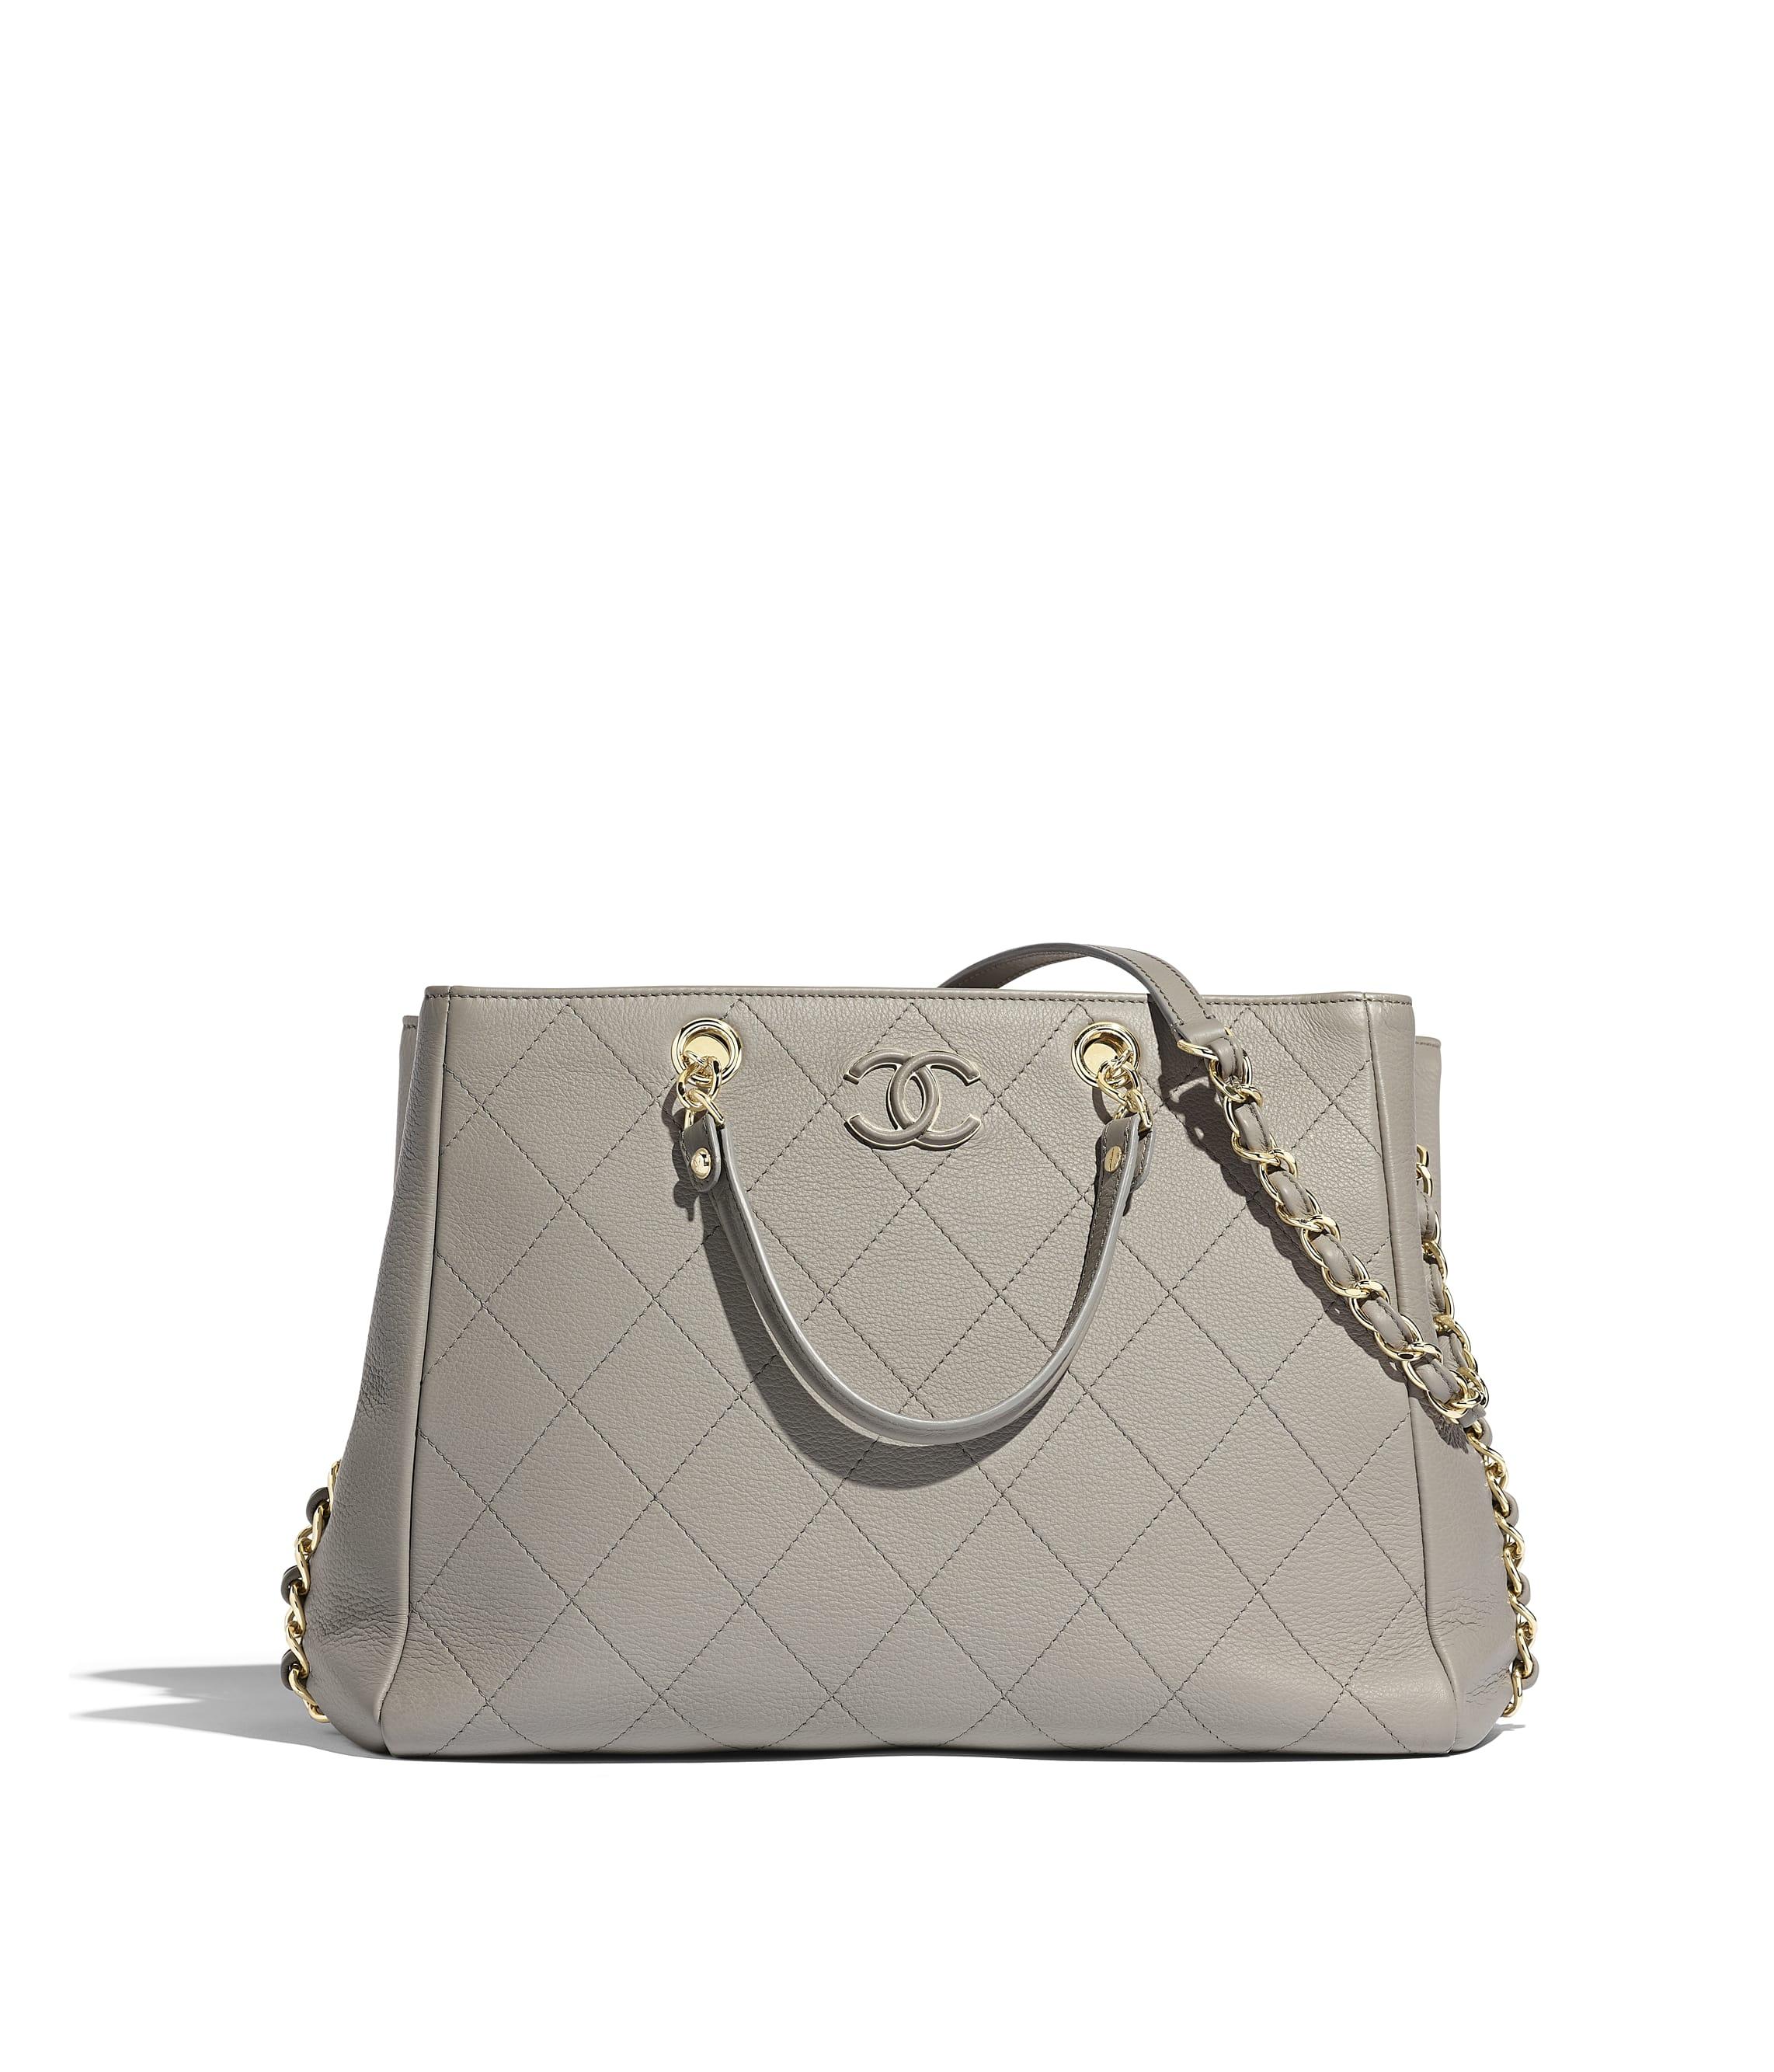 Tote Bags - Handbags - CHANEL ebd07b8eb1892